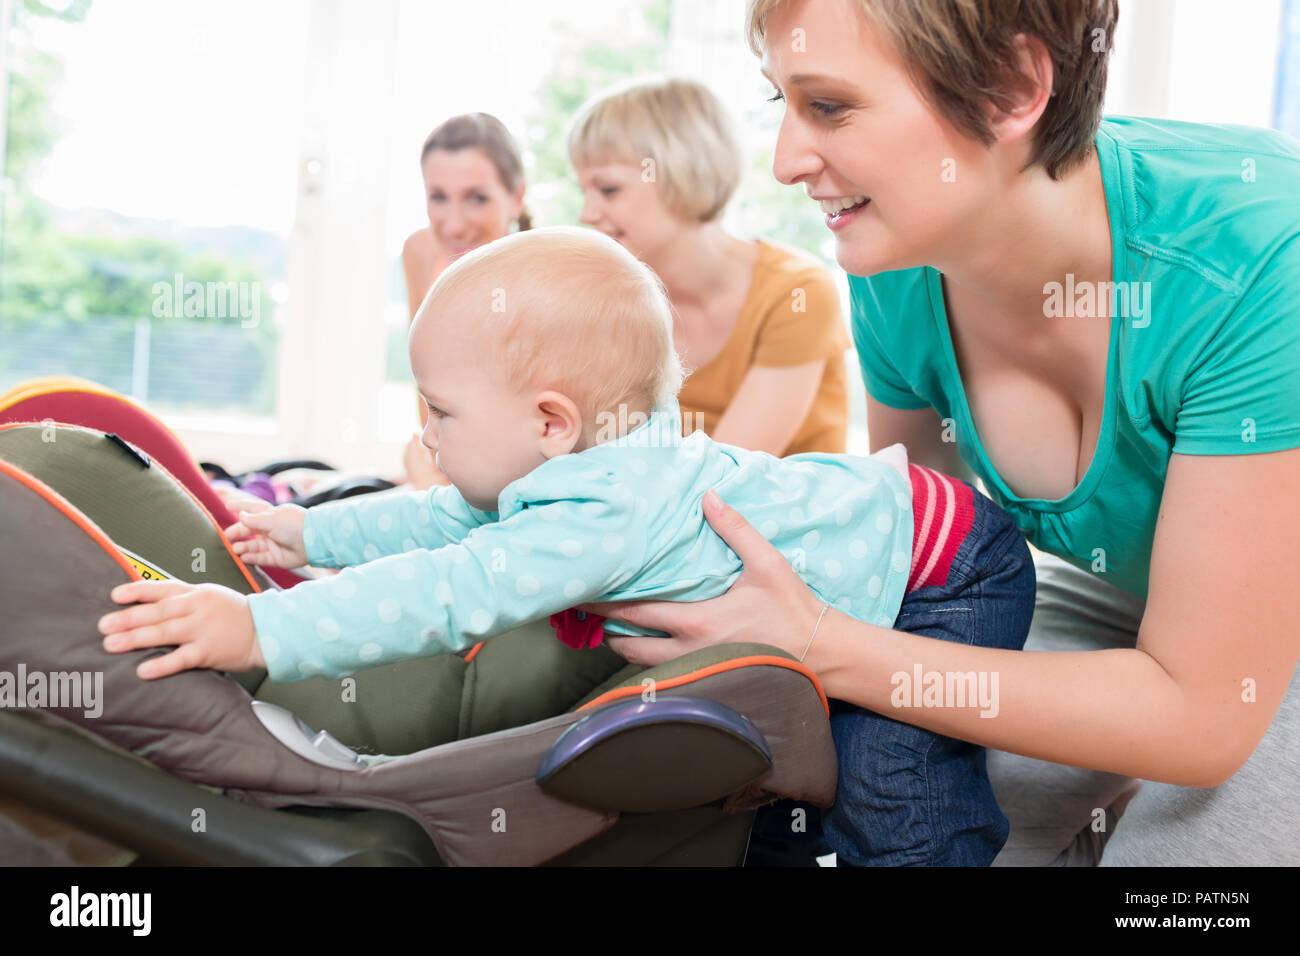 Mütter und Babys bei Mutter und Kind Kurs üben Stockbild